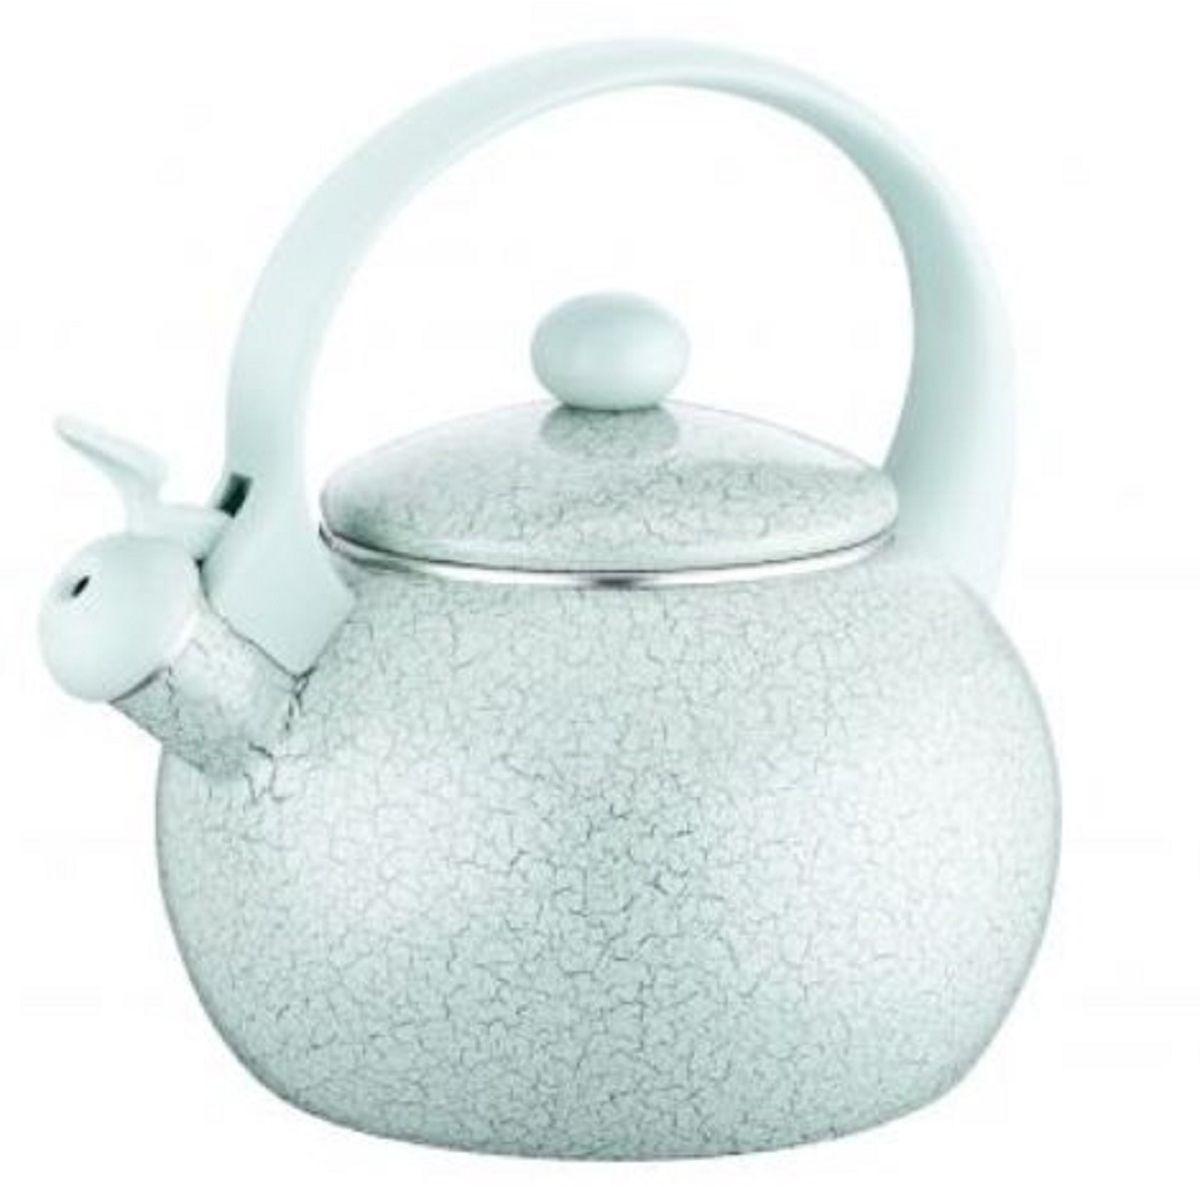 Чайник эмалированный Elff Decor, со свистком, 2,2 л. 1407-098CM000001328Чайник со свистком Эмалированное покрытие Удобная ручка из цветного бакелита Подходит для всех видов кухонных плит Можно мыть в посудомоечной машине Емкость-2,2 л